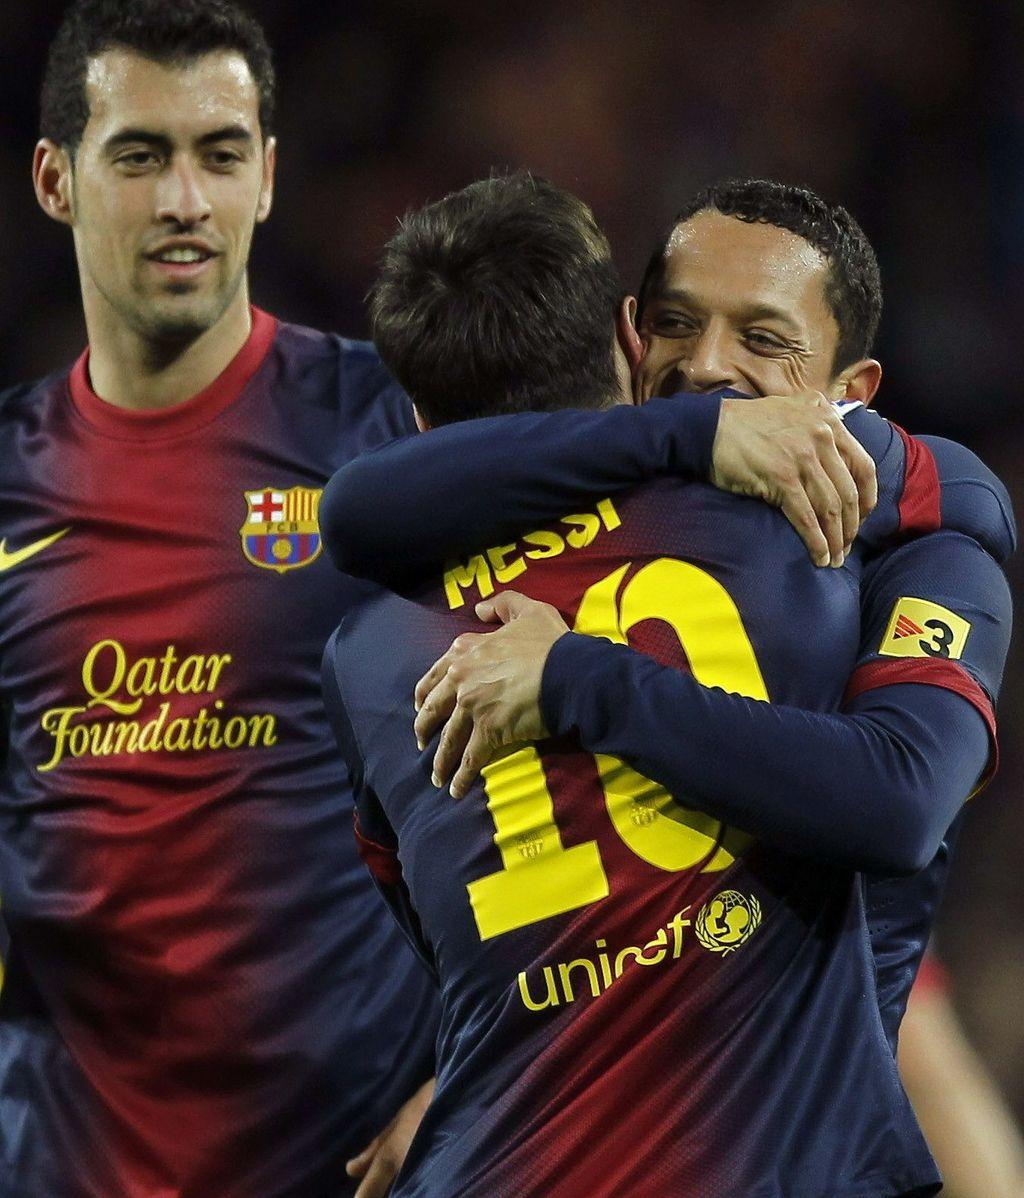 El delantero argentino del FC Barcelona, Leo Messi (c), celebra su gol, tercero de su equipo, consus compañeros, el brasileño Adriano Correia (d) y Sergio Busquets